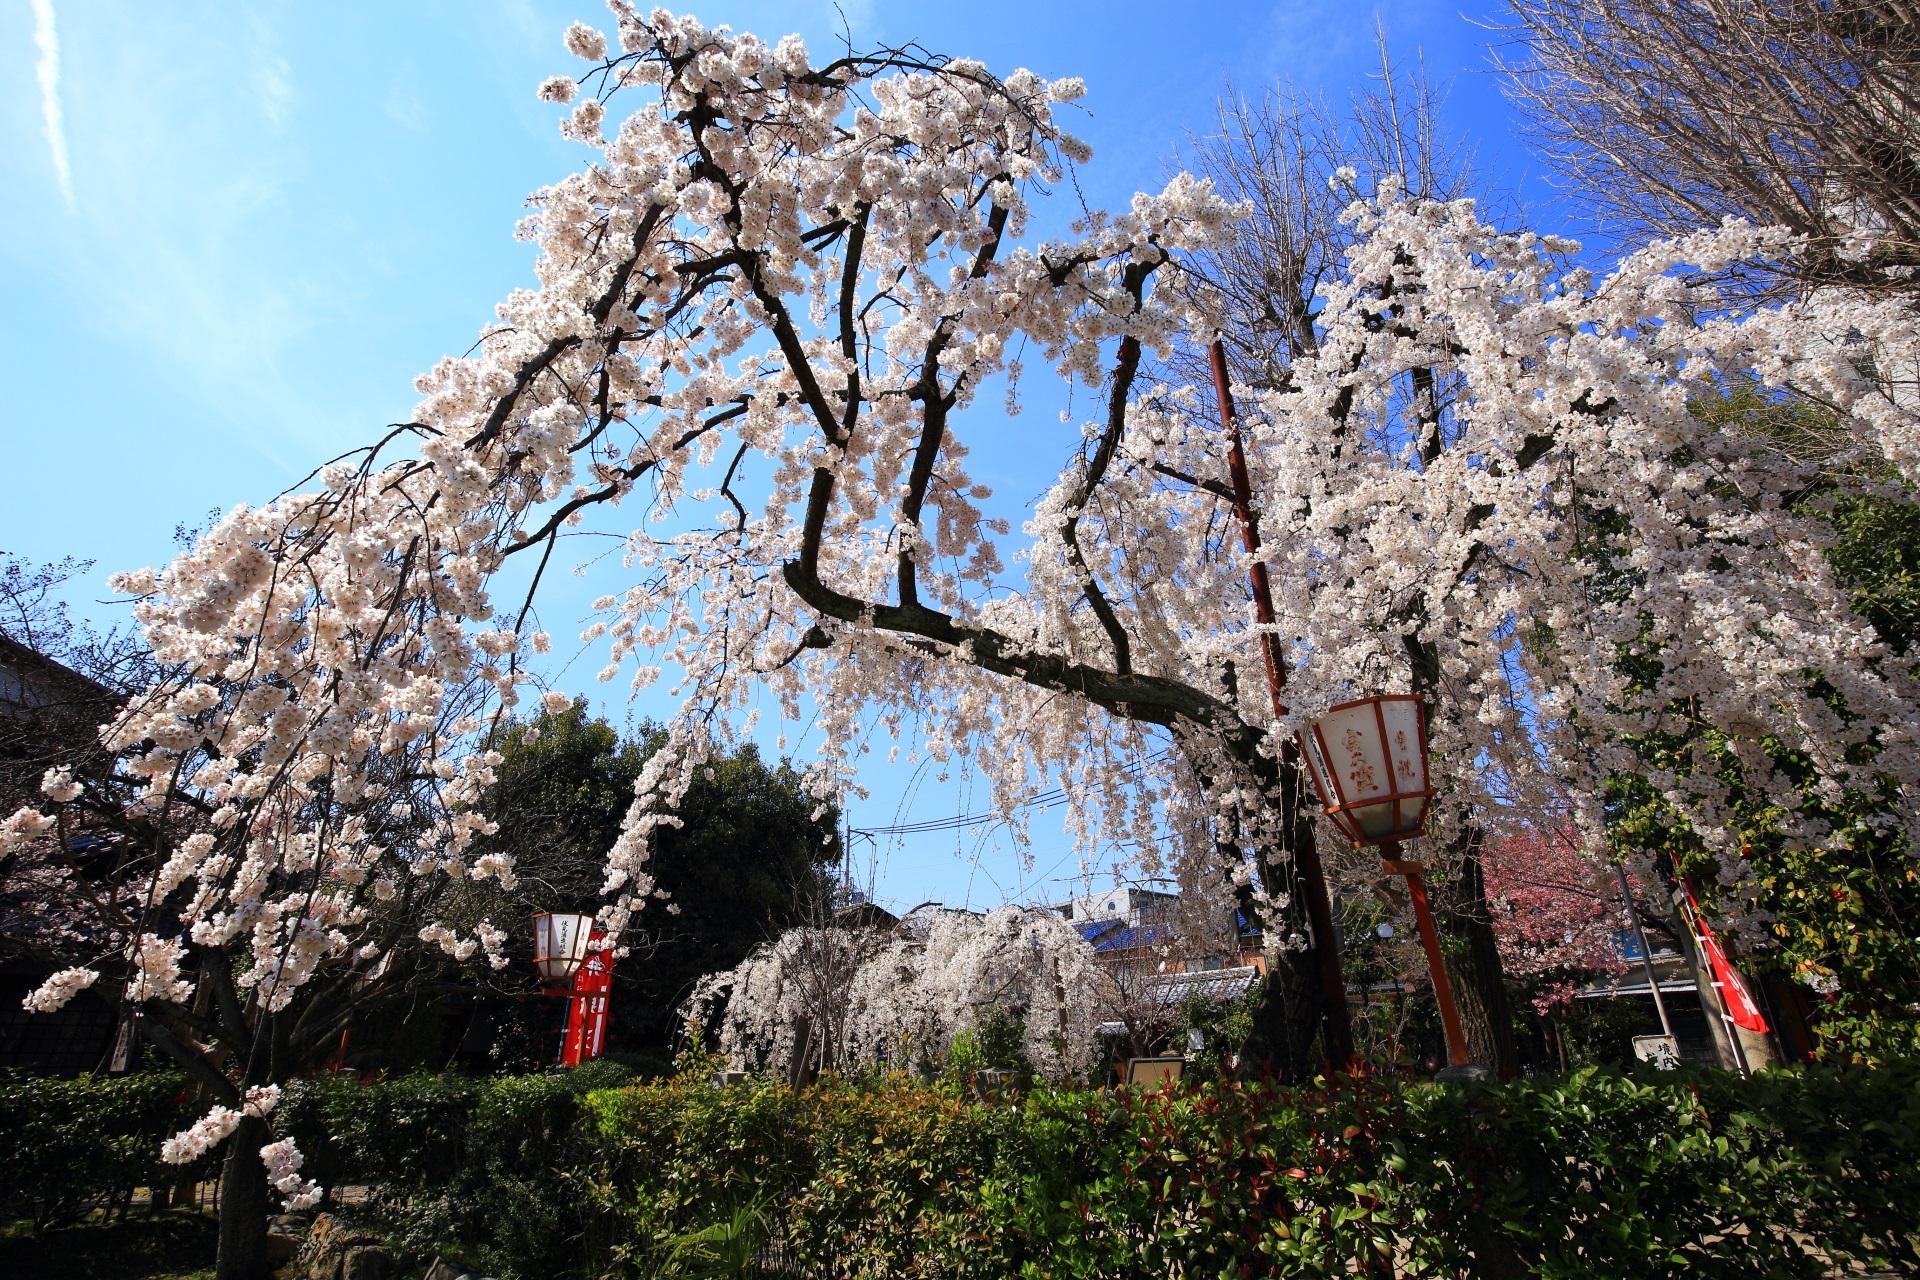 大きく翼を広げて今にも飛び立ちそうな桜